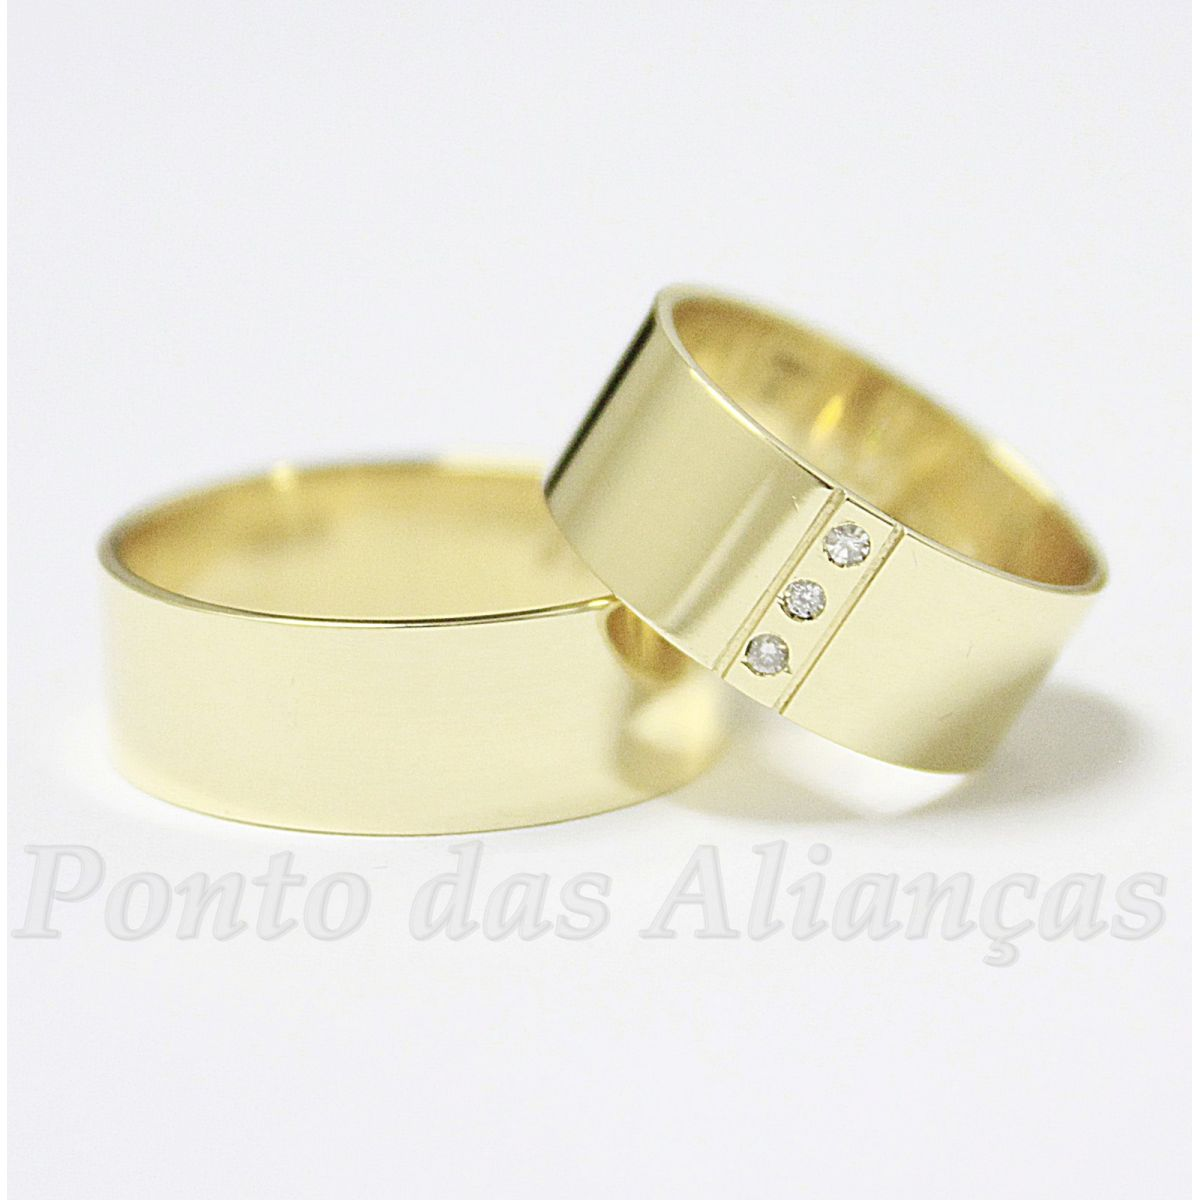 Alianças de Ouro Casamento ou Noivado - 542